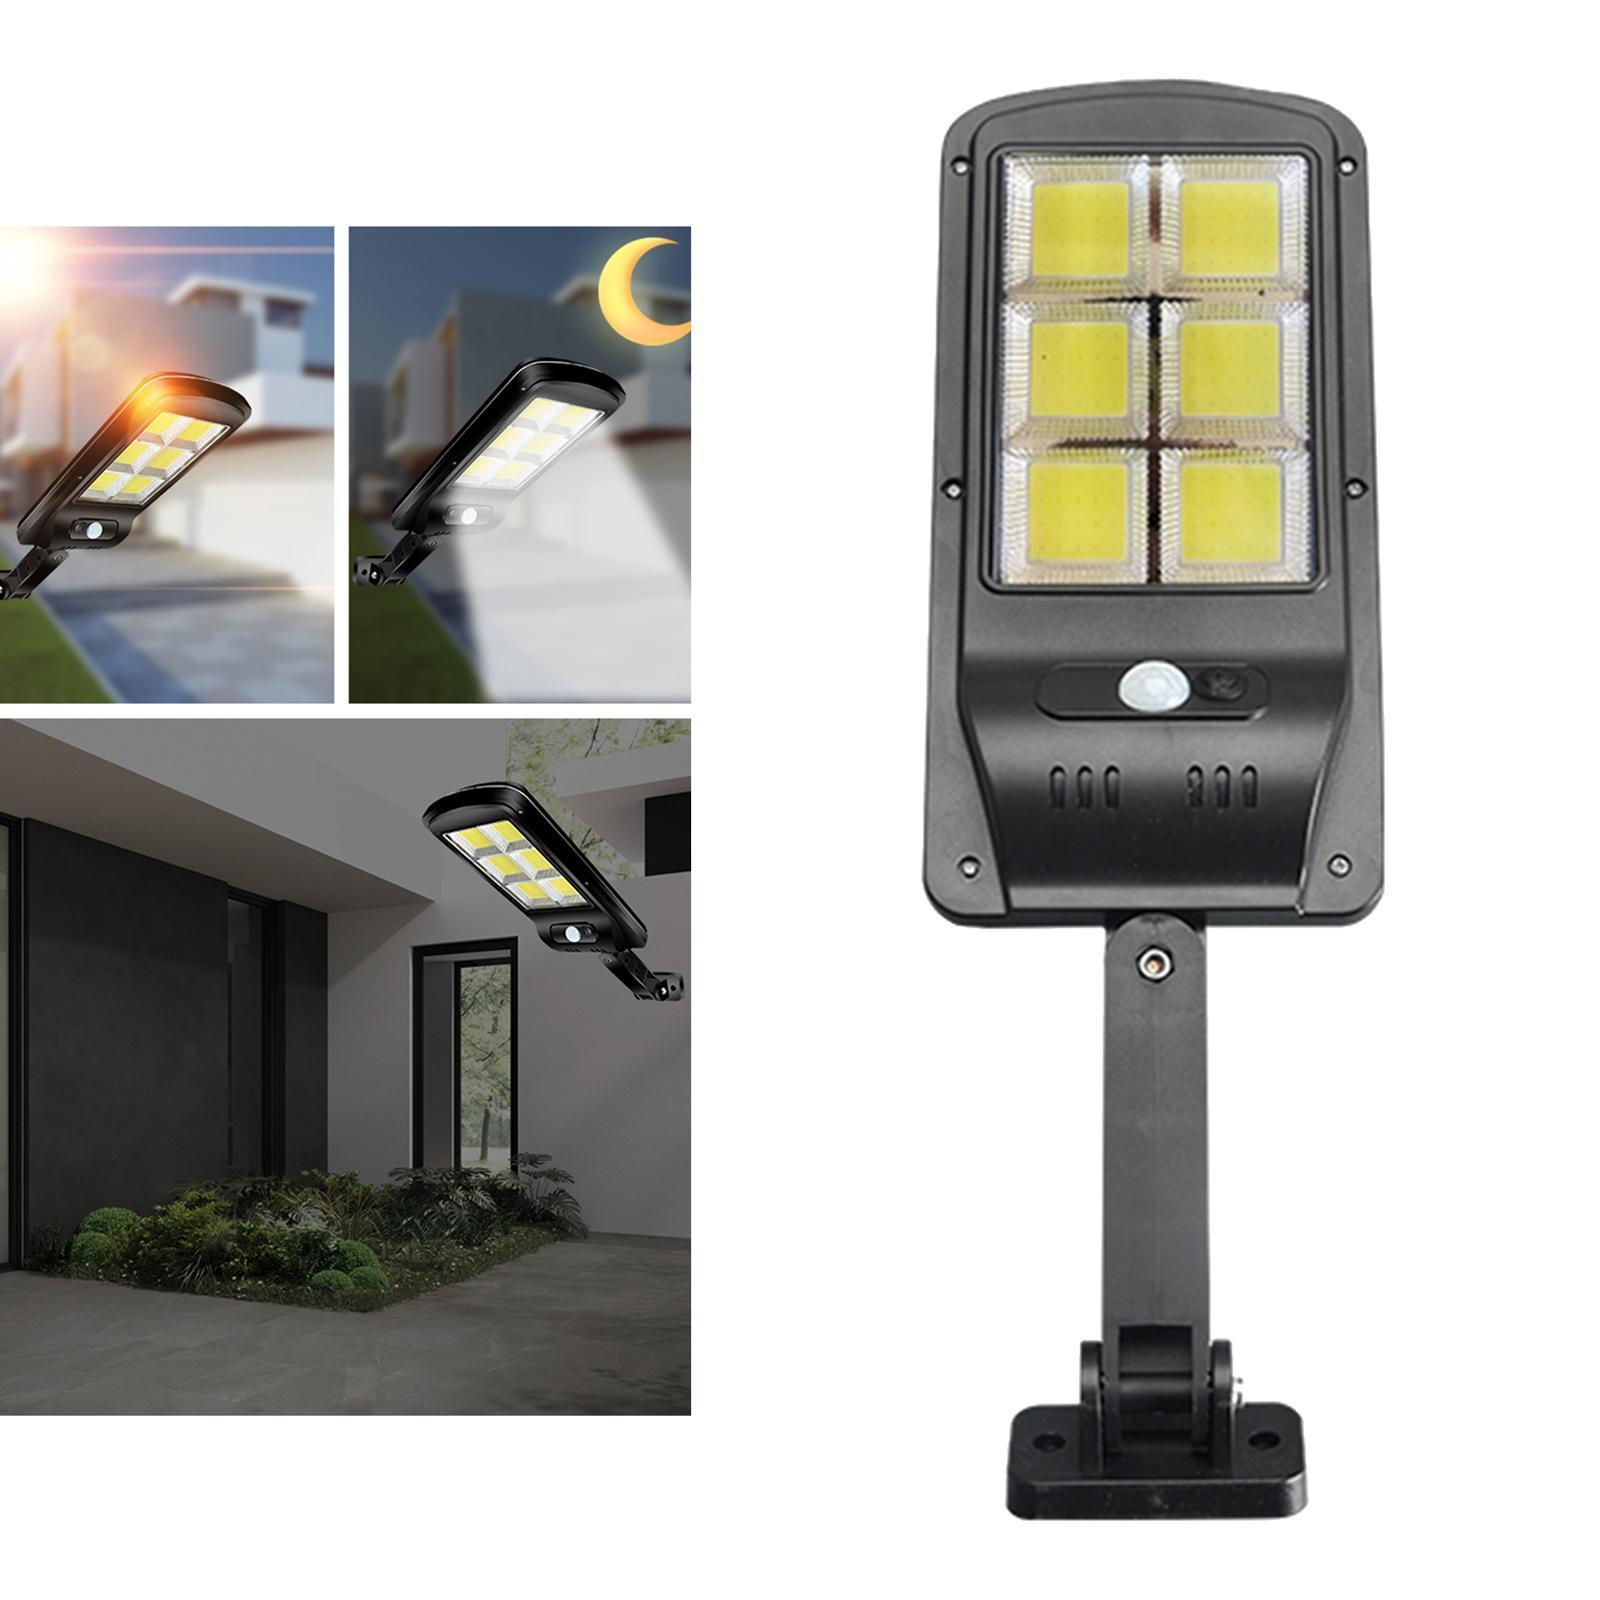 Corps-de-reverbere-a-LED-a-energie-solaire-detectant-la-lumiere miniatura 22